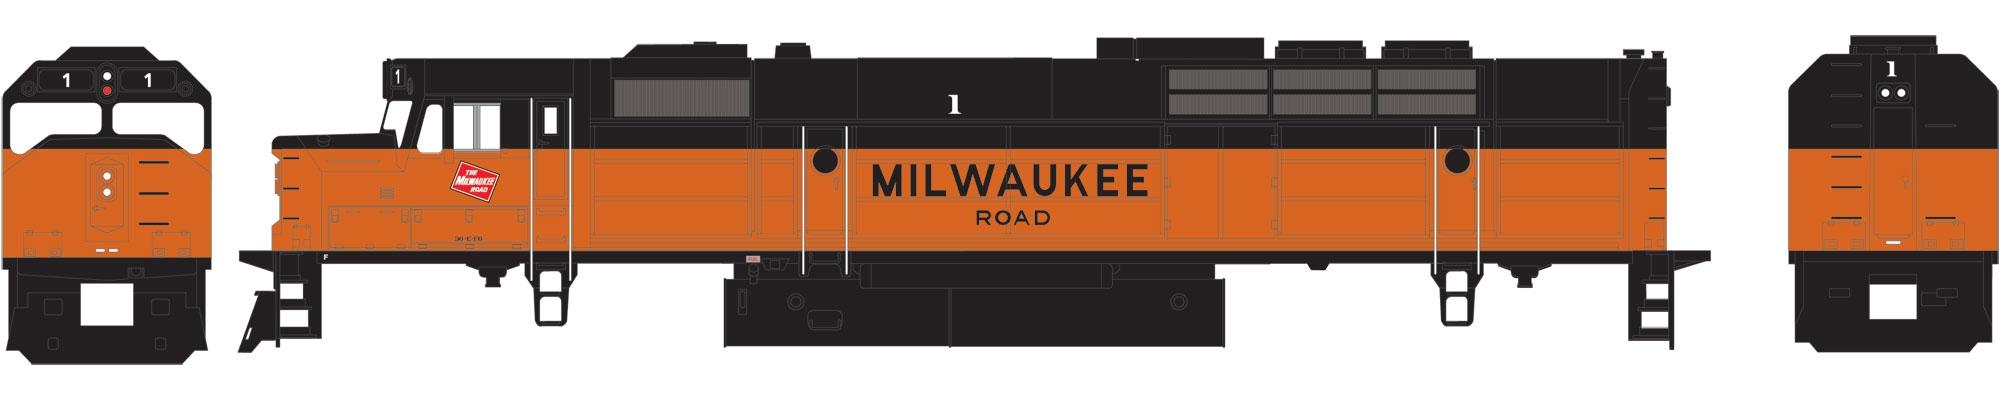 N Scale - Athearn - 22483 - Locomotive, Diesel, EMD FP45 - Milwaukee Road - 1